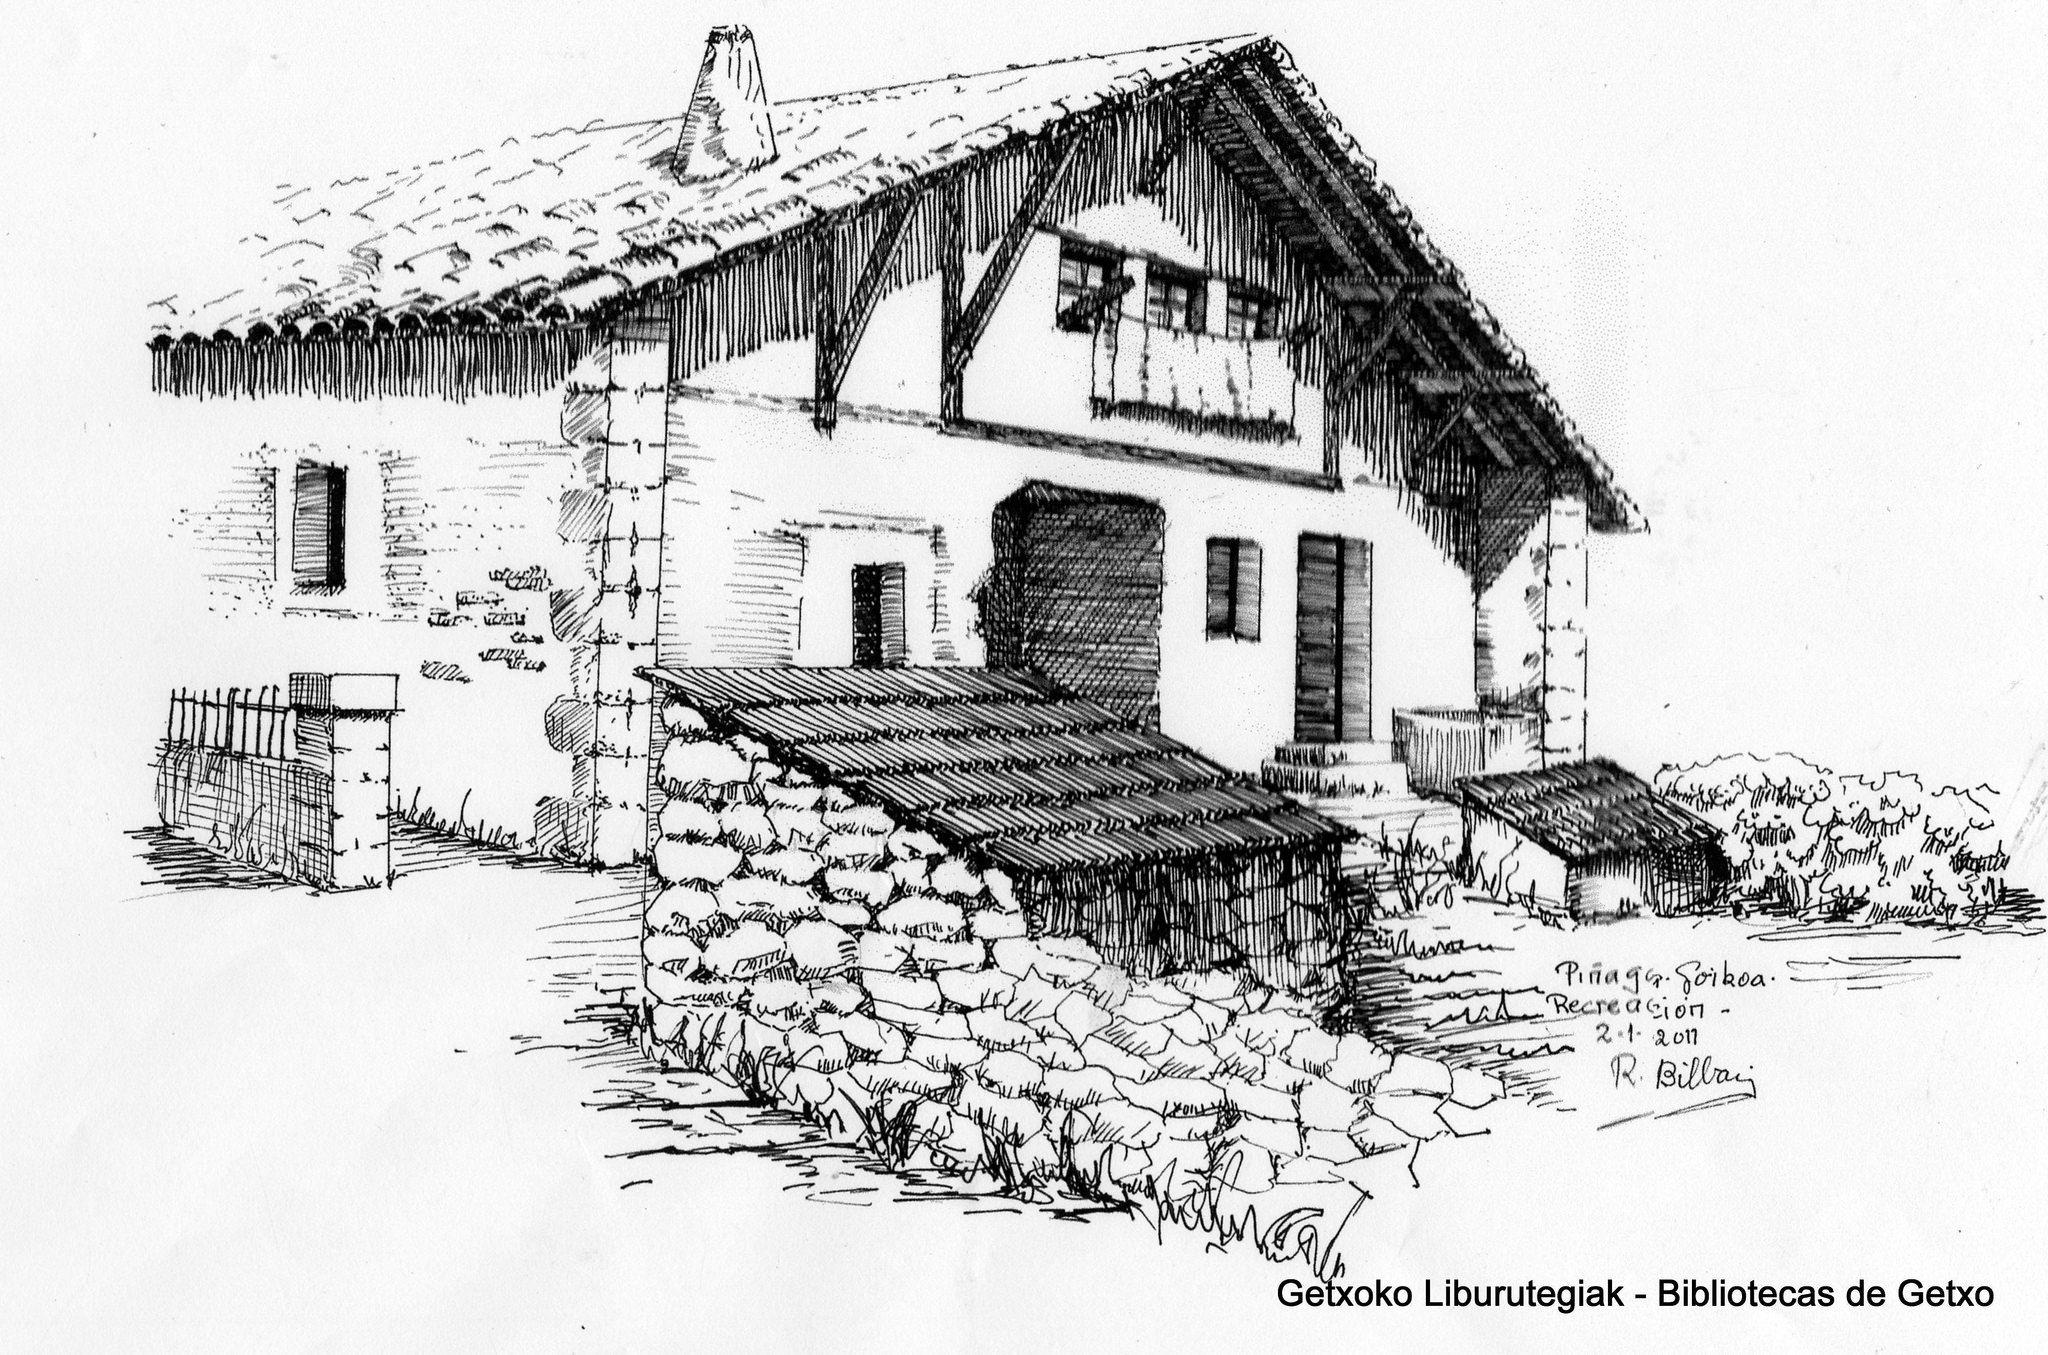 Dibujo del caserío Piñaga Goikoa.  Recreación según testimonios de personas que lo conocieron. (Cedida por Ramón Bilbao) (ref. 05872)